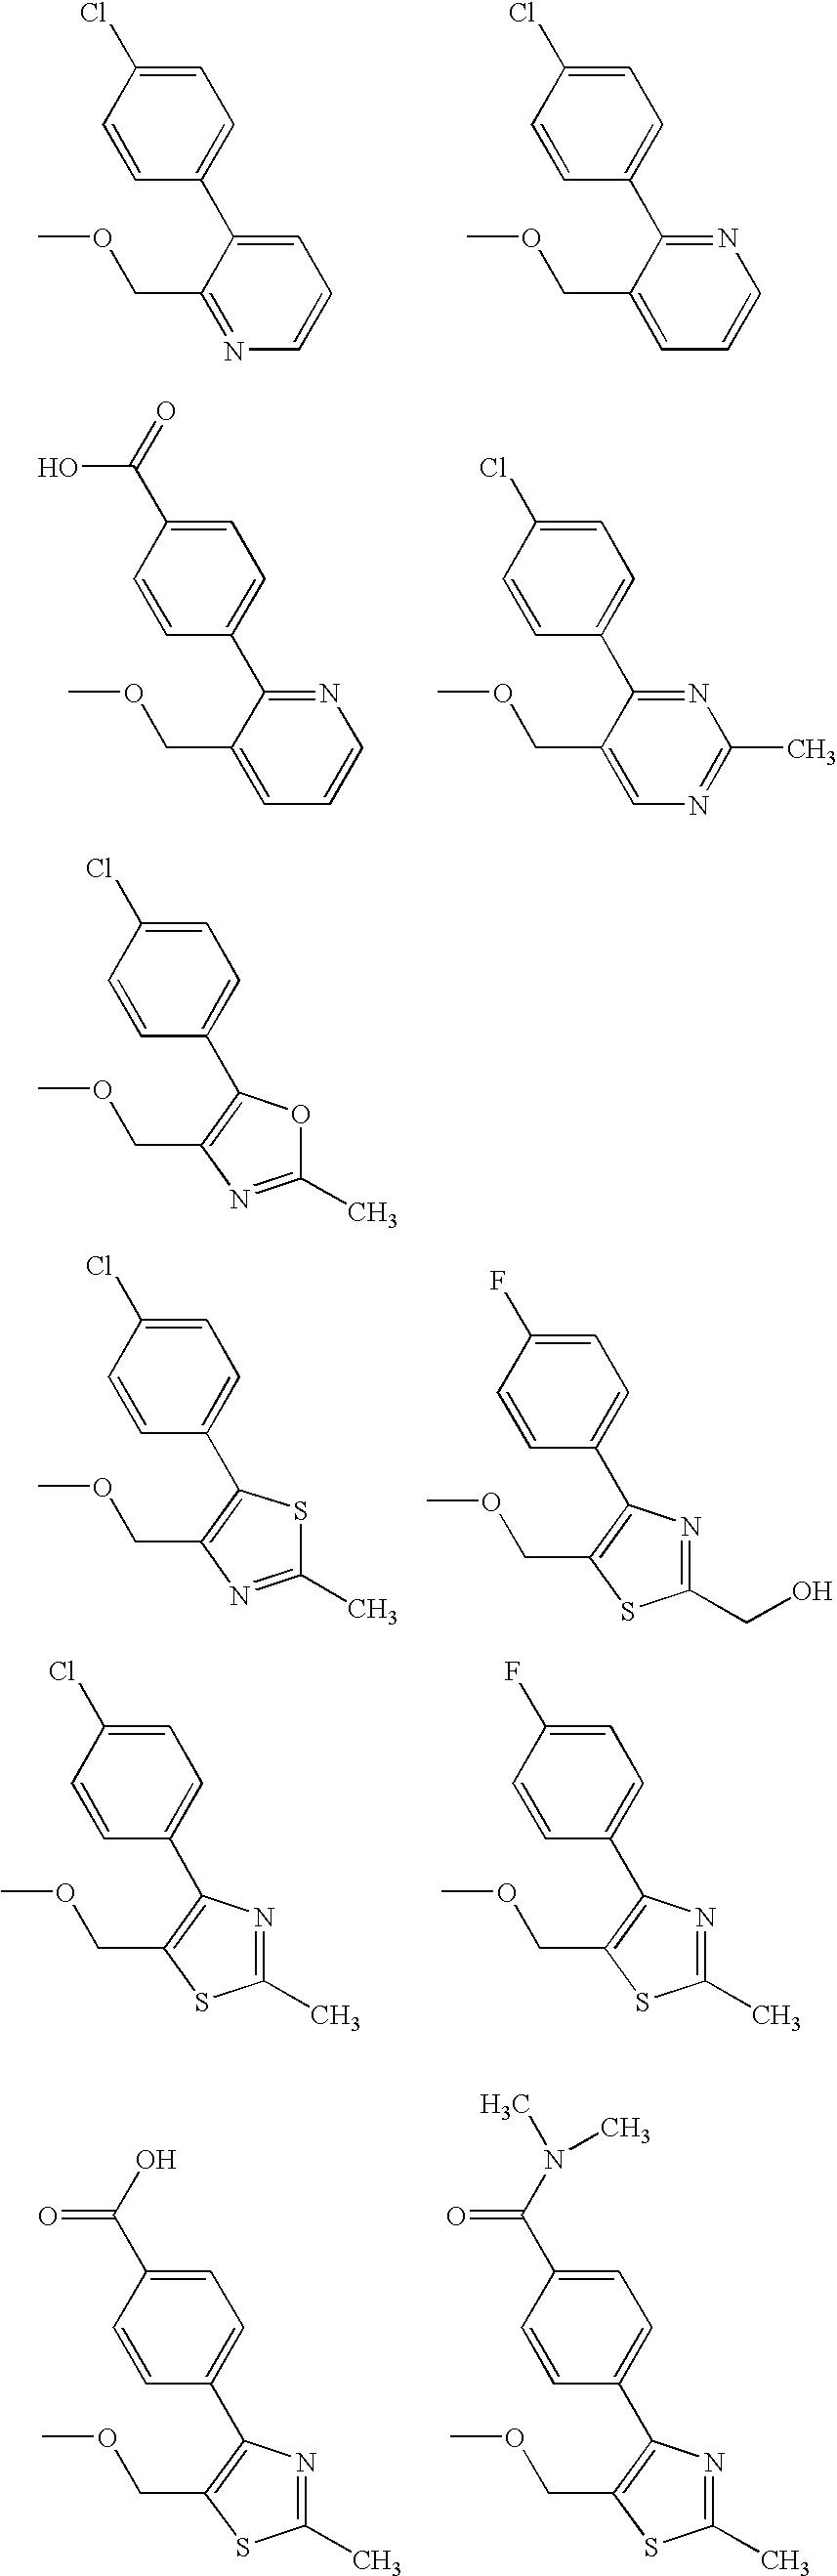 Figure US20070049593A1-20070301-C00236